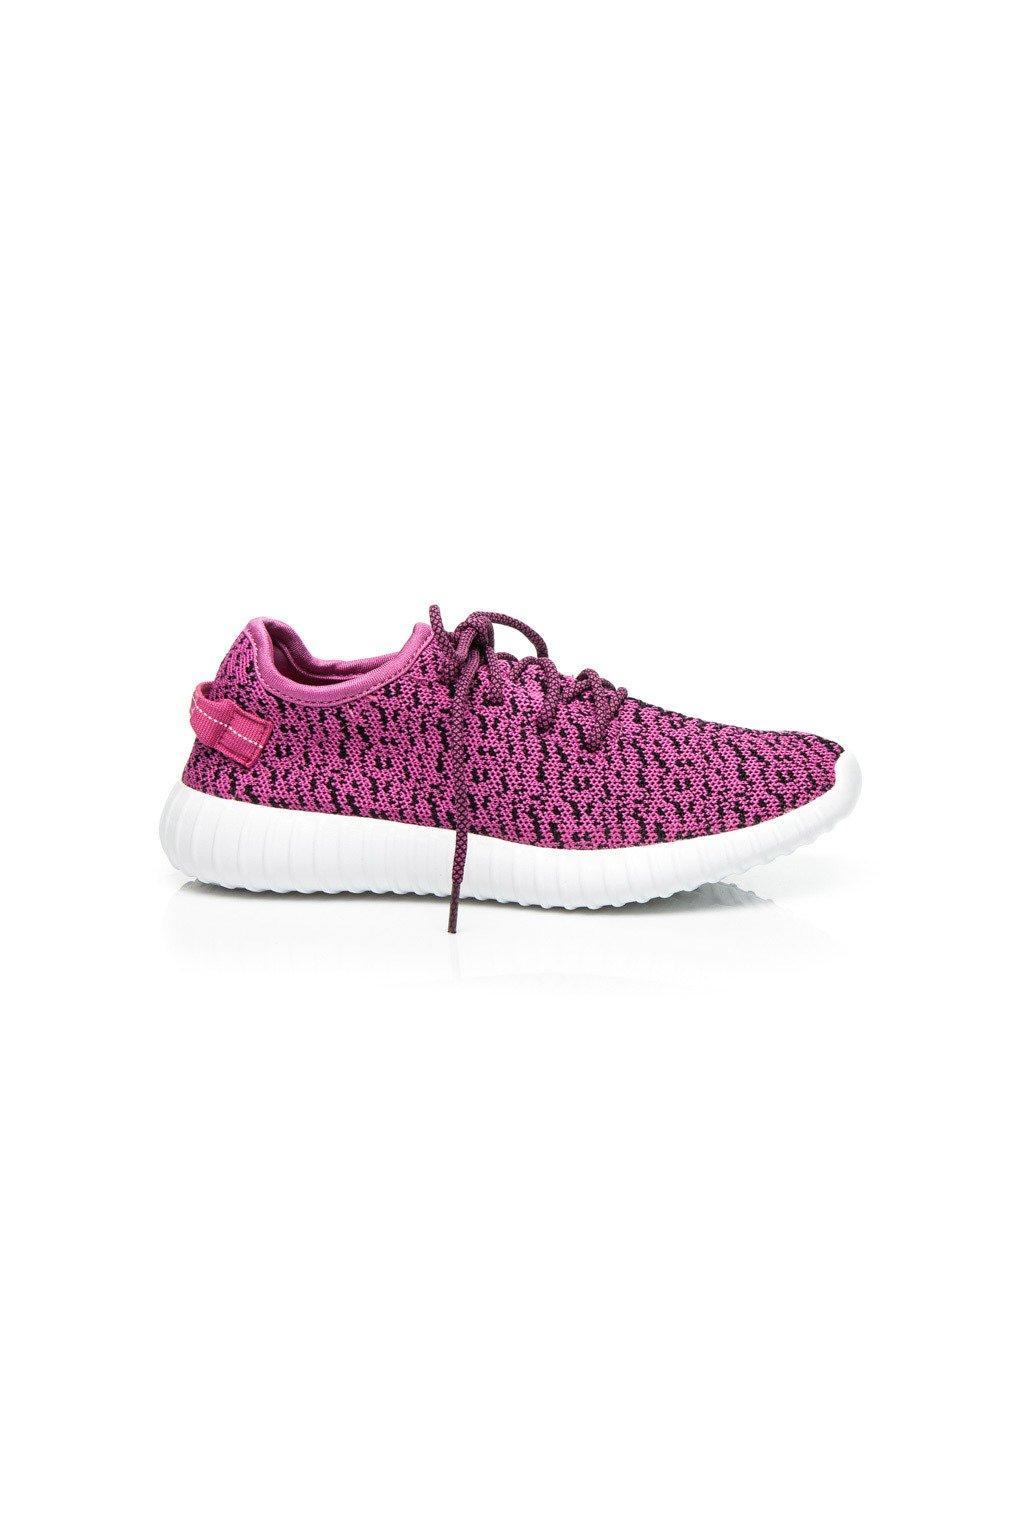 Dámska obuv veľkosť 35  1fa1b9f9351